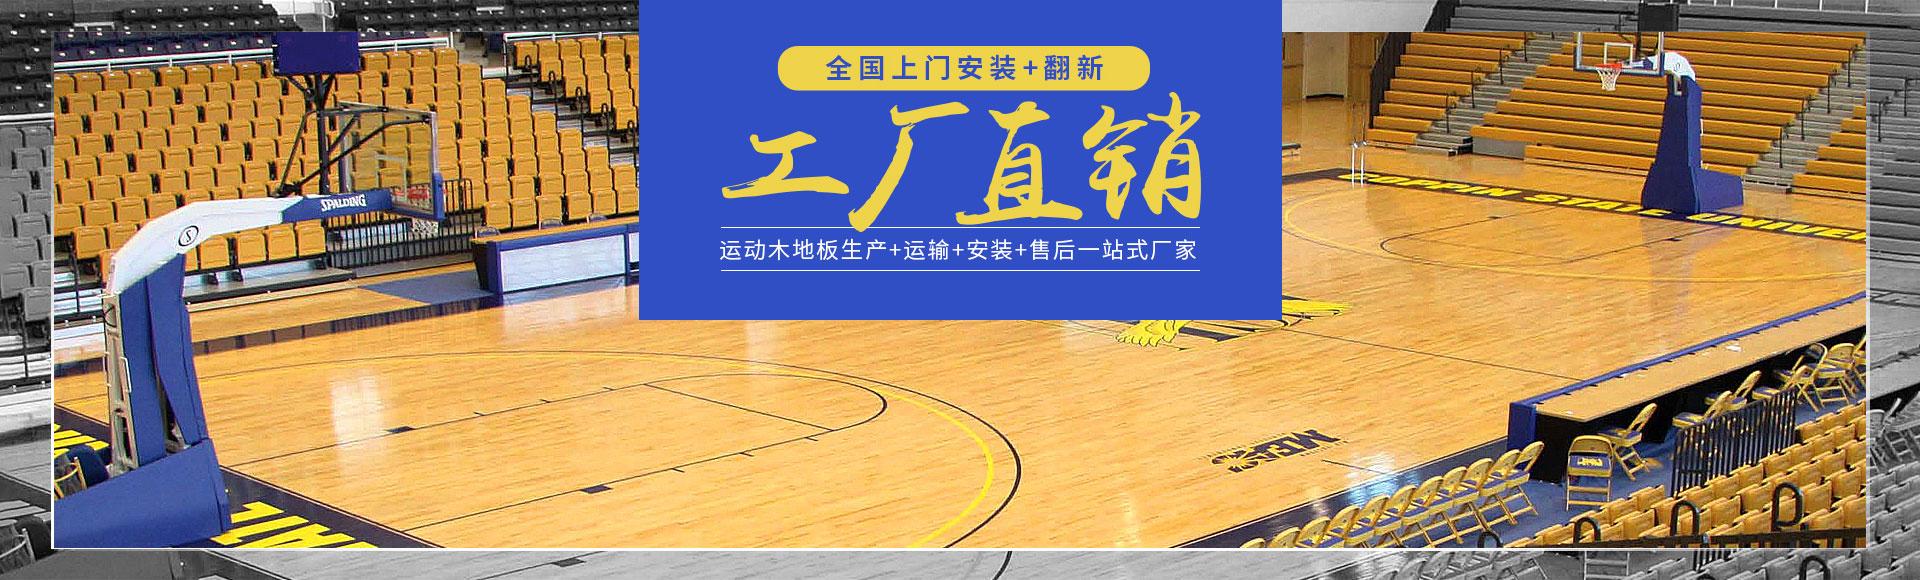 篮球木地板安装 体育木地板安装 舞台木地板安装_运动木地板